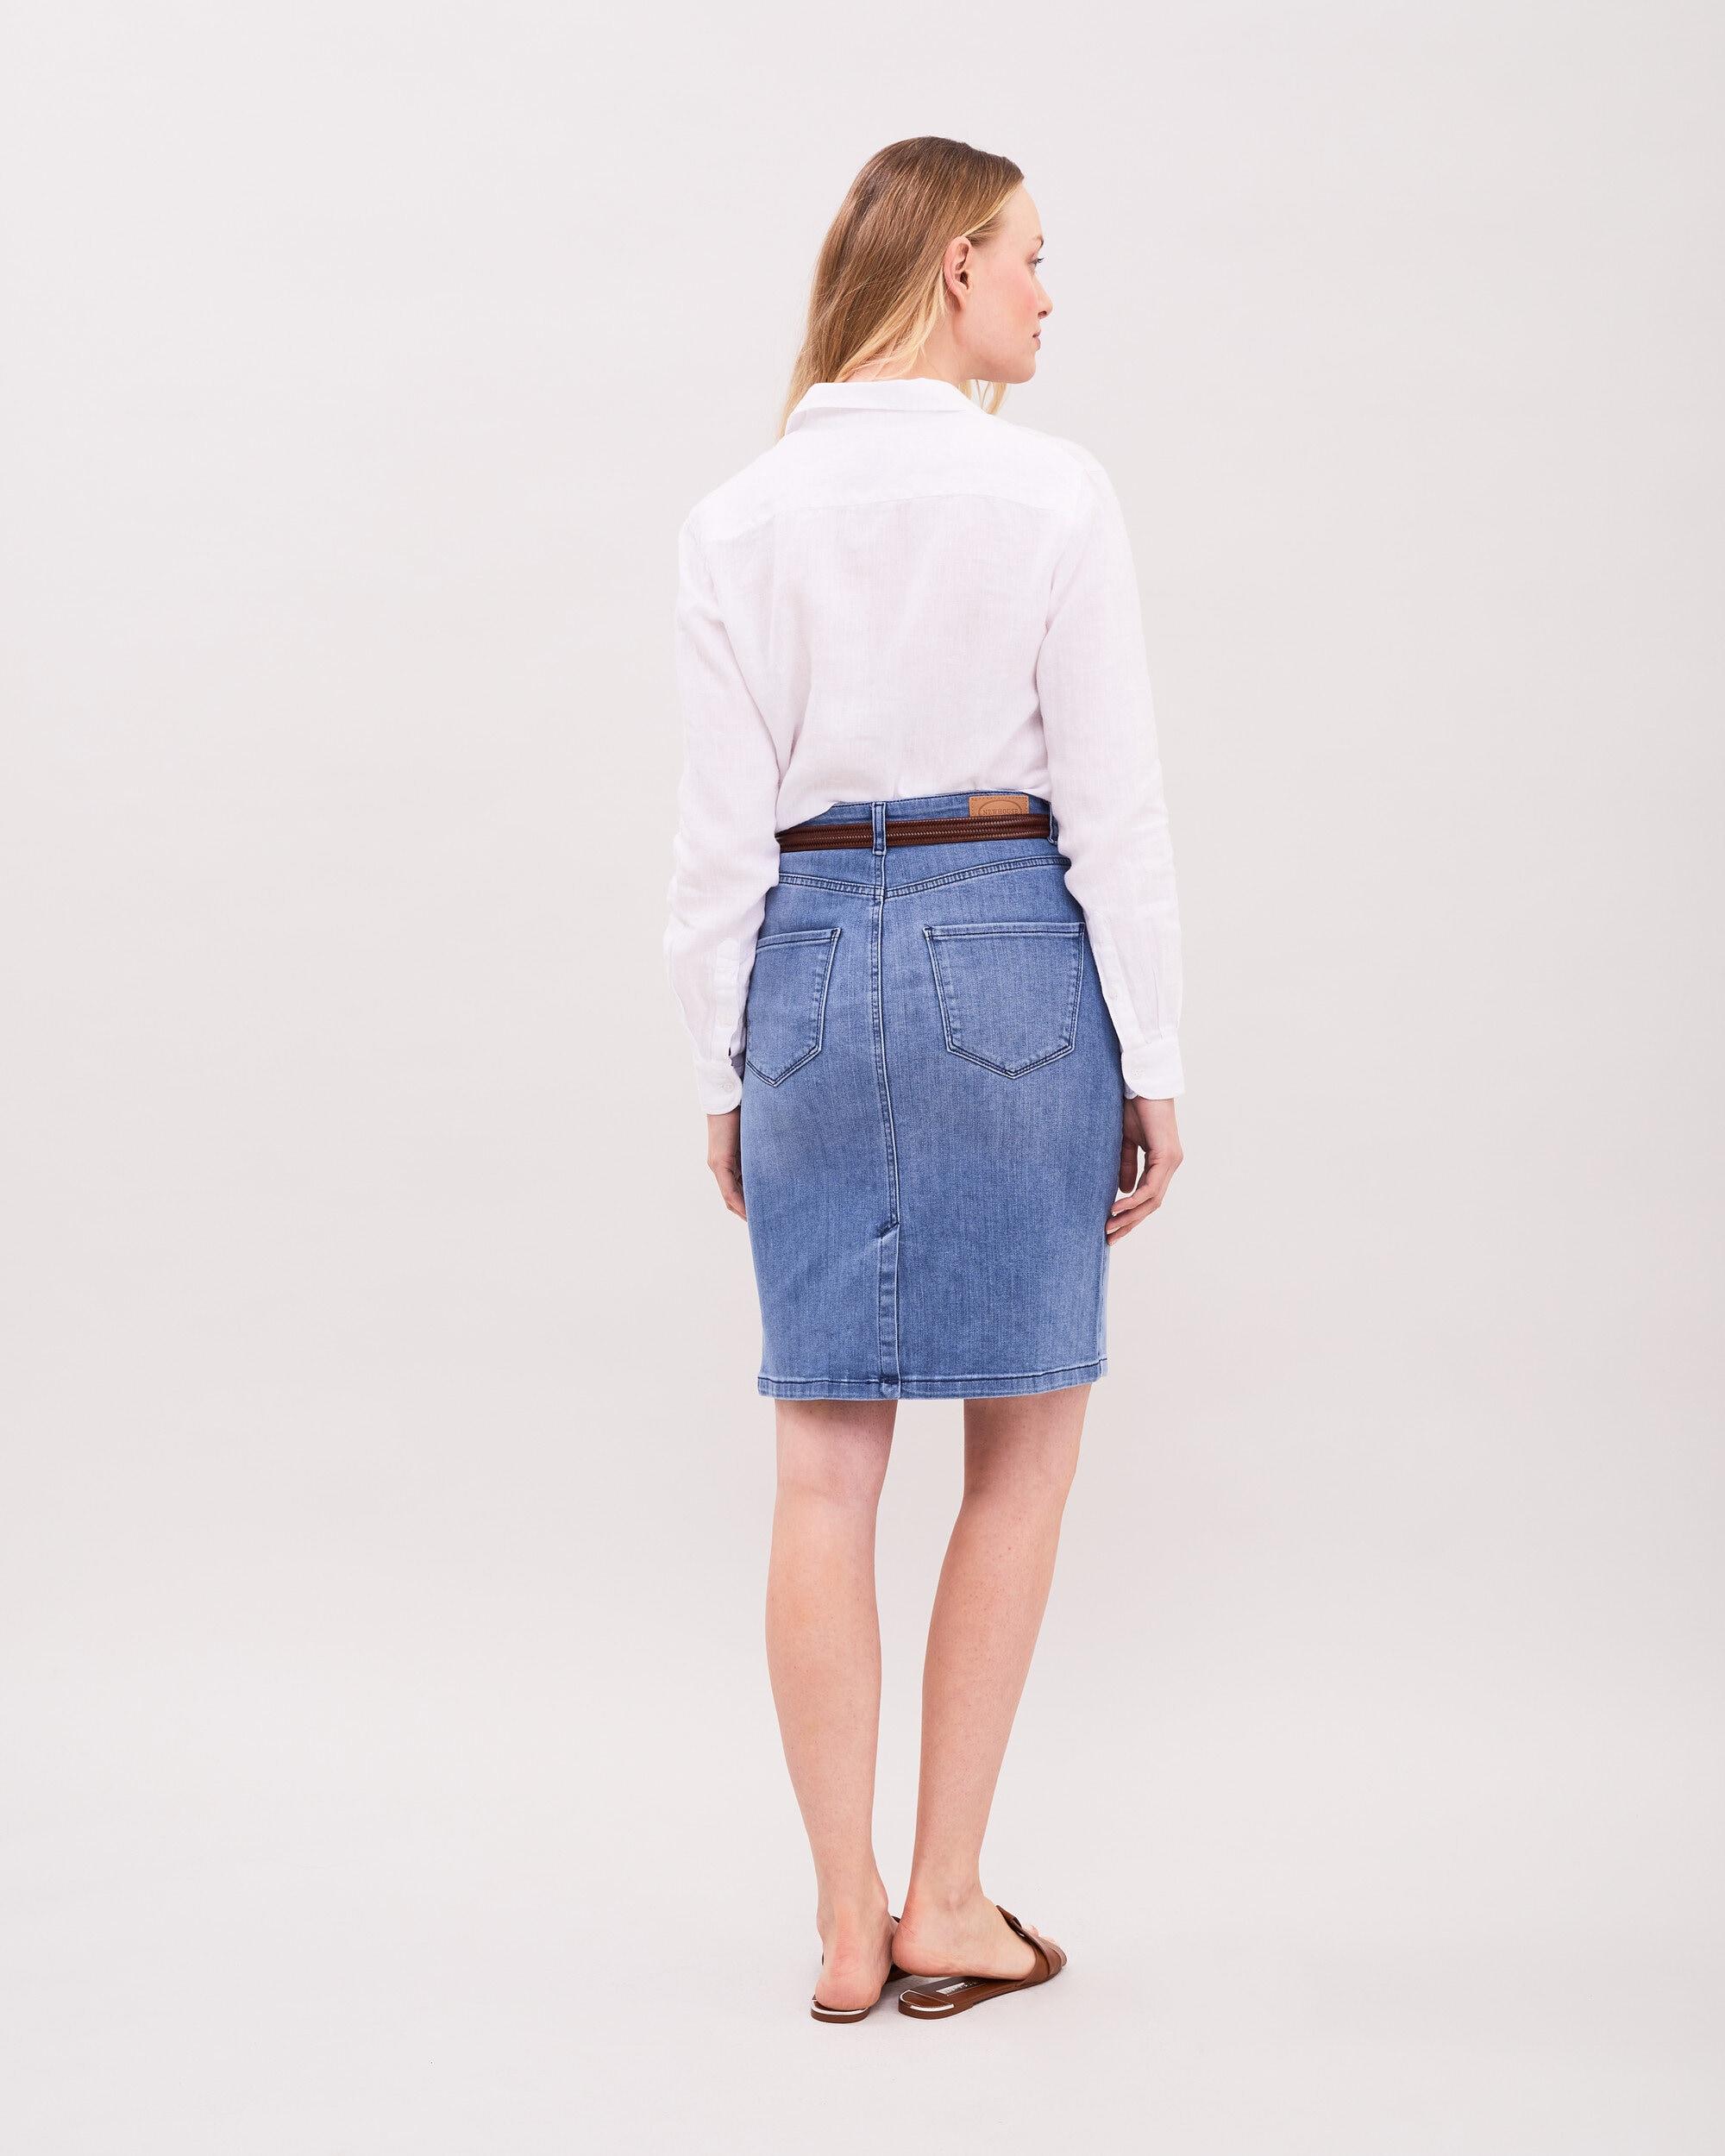 Light Blue Denim Skirt